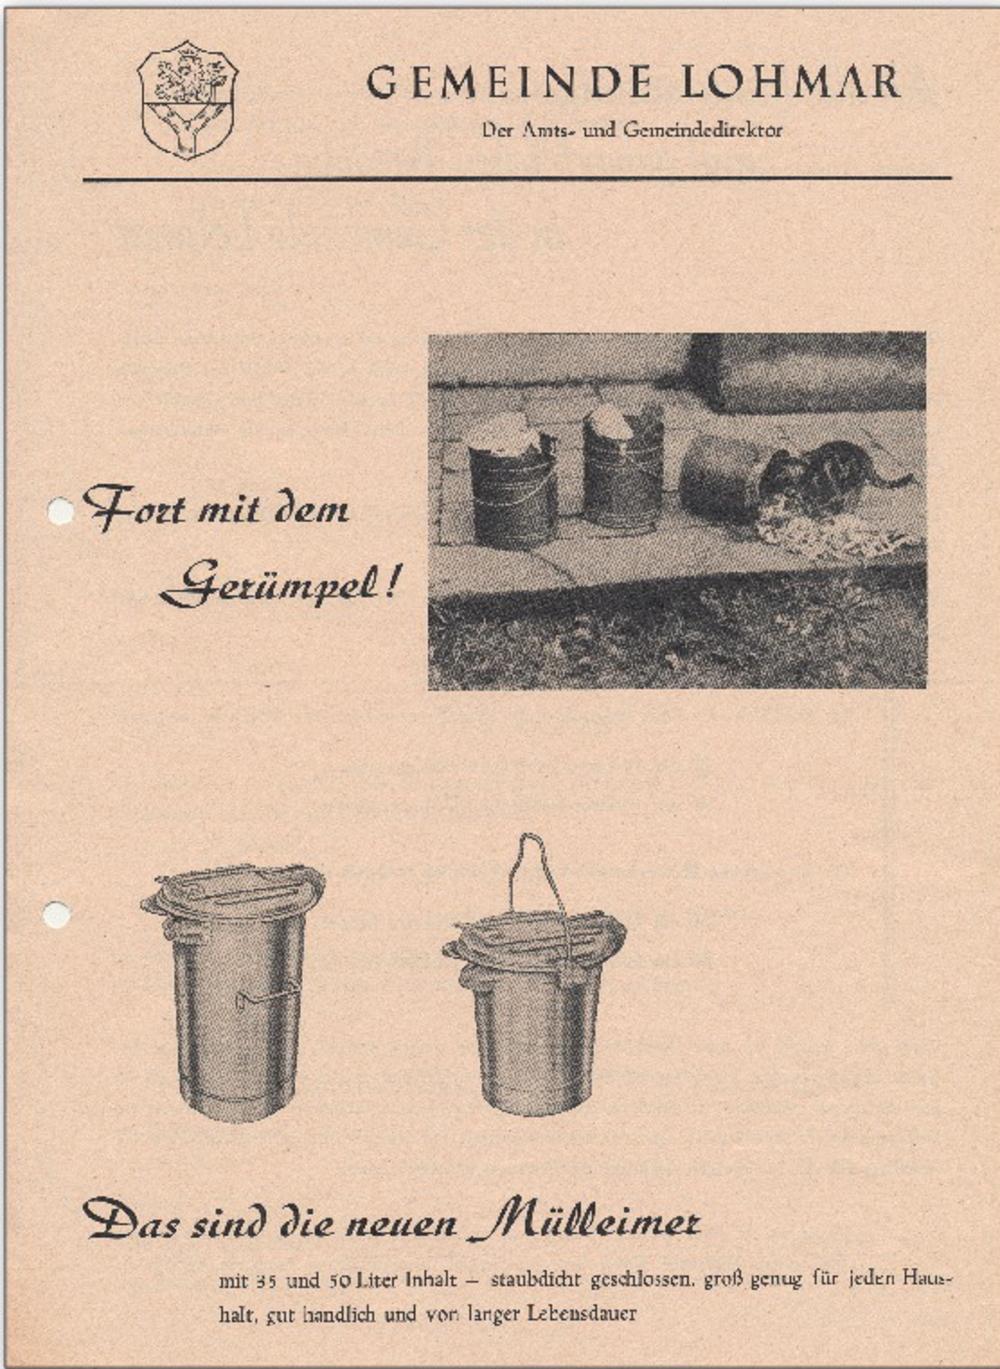 Werbung für neuen Mülleimer der Gemeinde Lohmar, unterzeichnet von Gemeindedirektor Priel